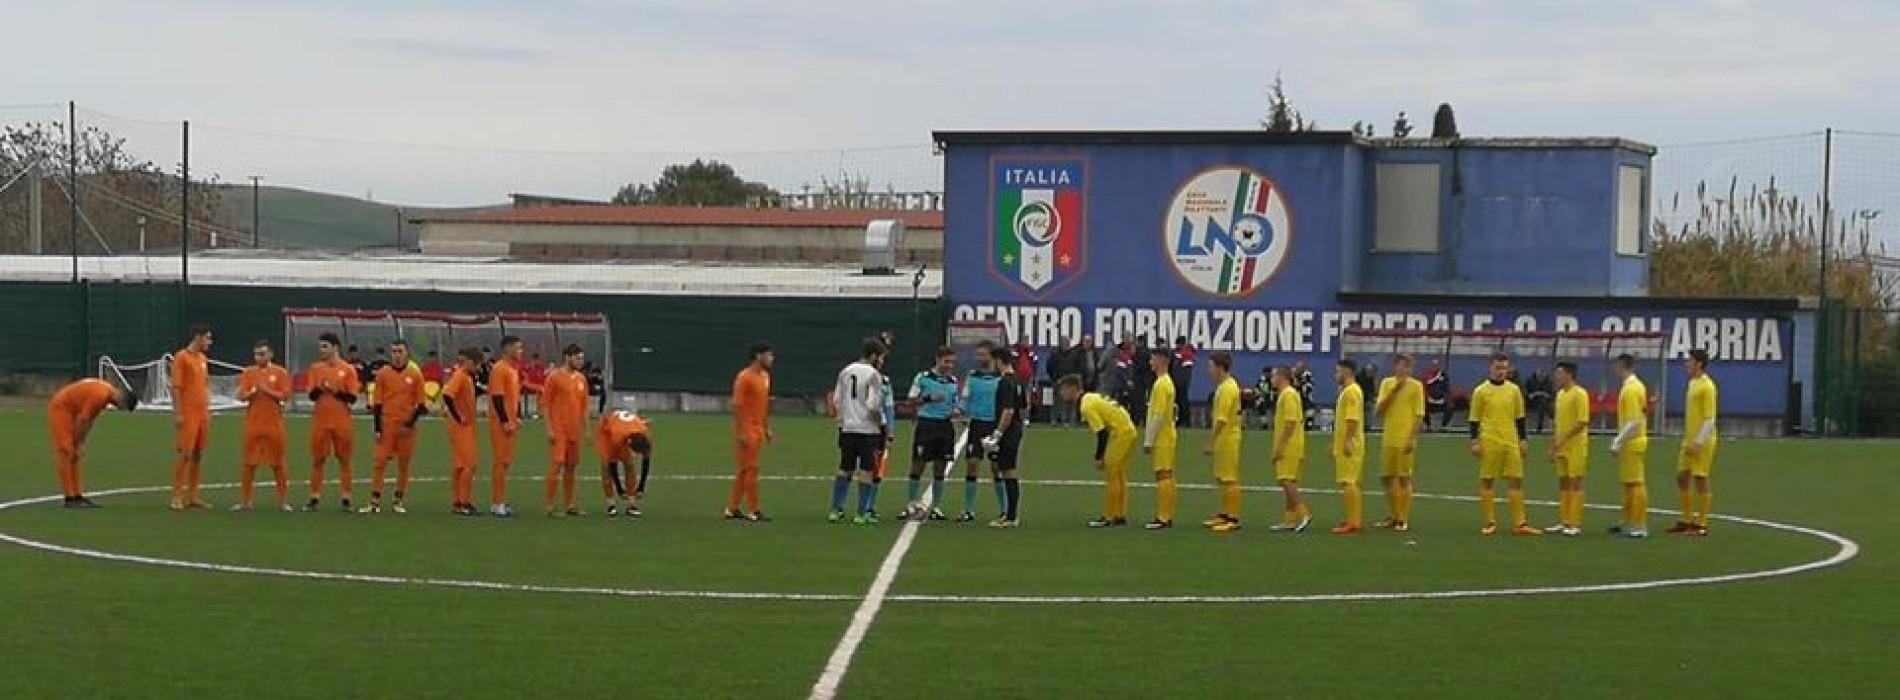 Lnd, stage della Nazionale U18 per Dianò e Sciretta